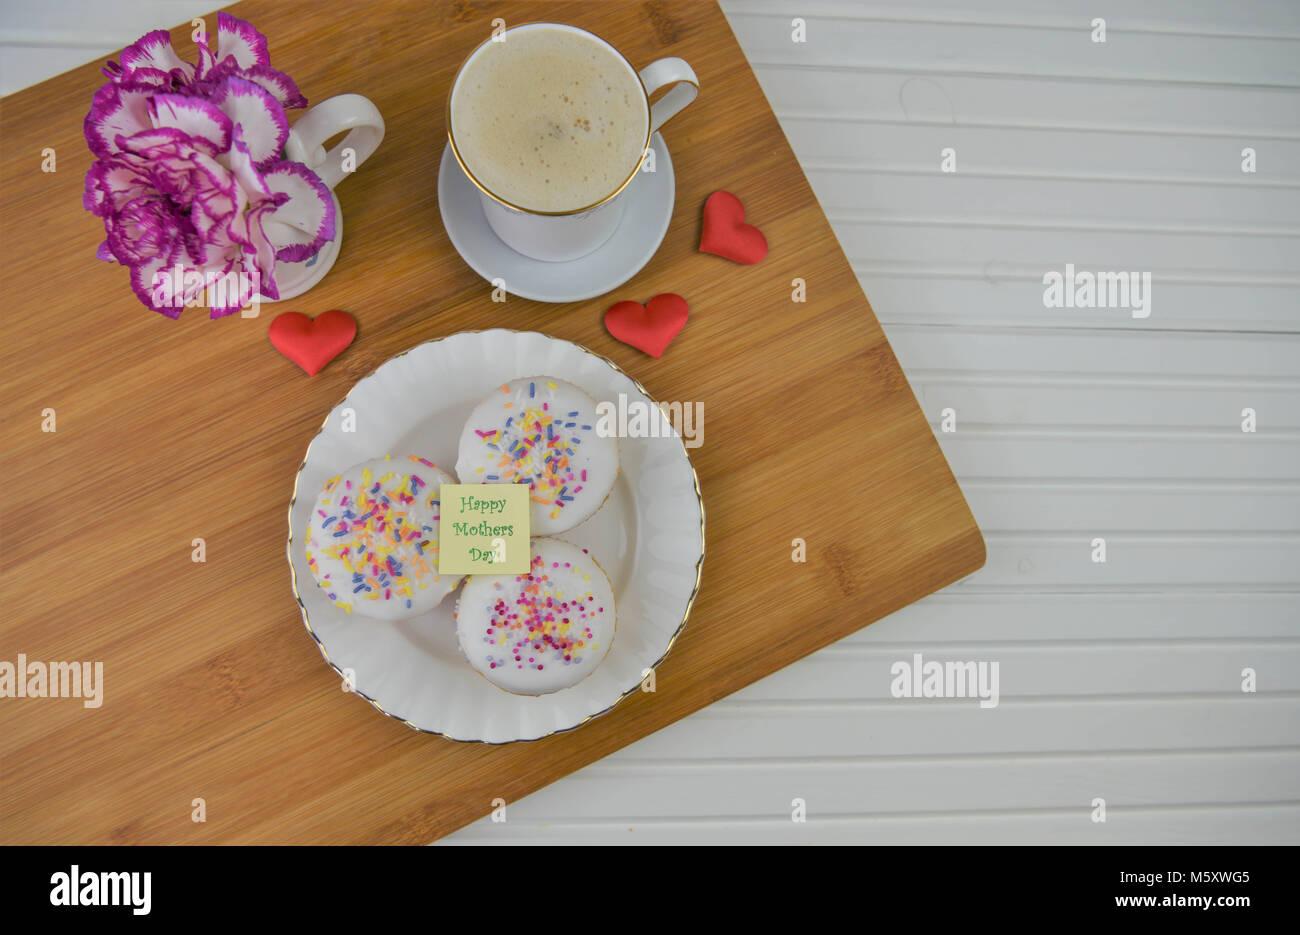 Feliz día de la madre palabras con comida casera de mini Iced Cakes y flores frescas Imagen De Stock